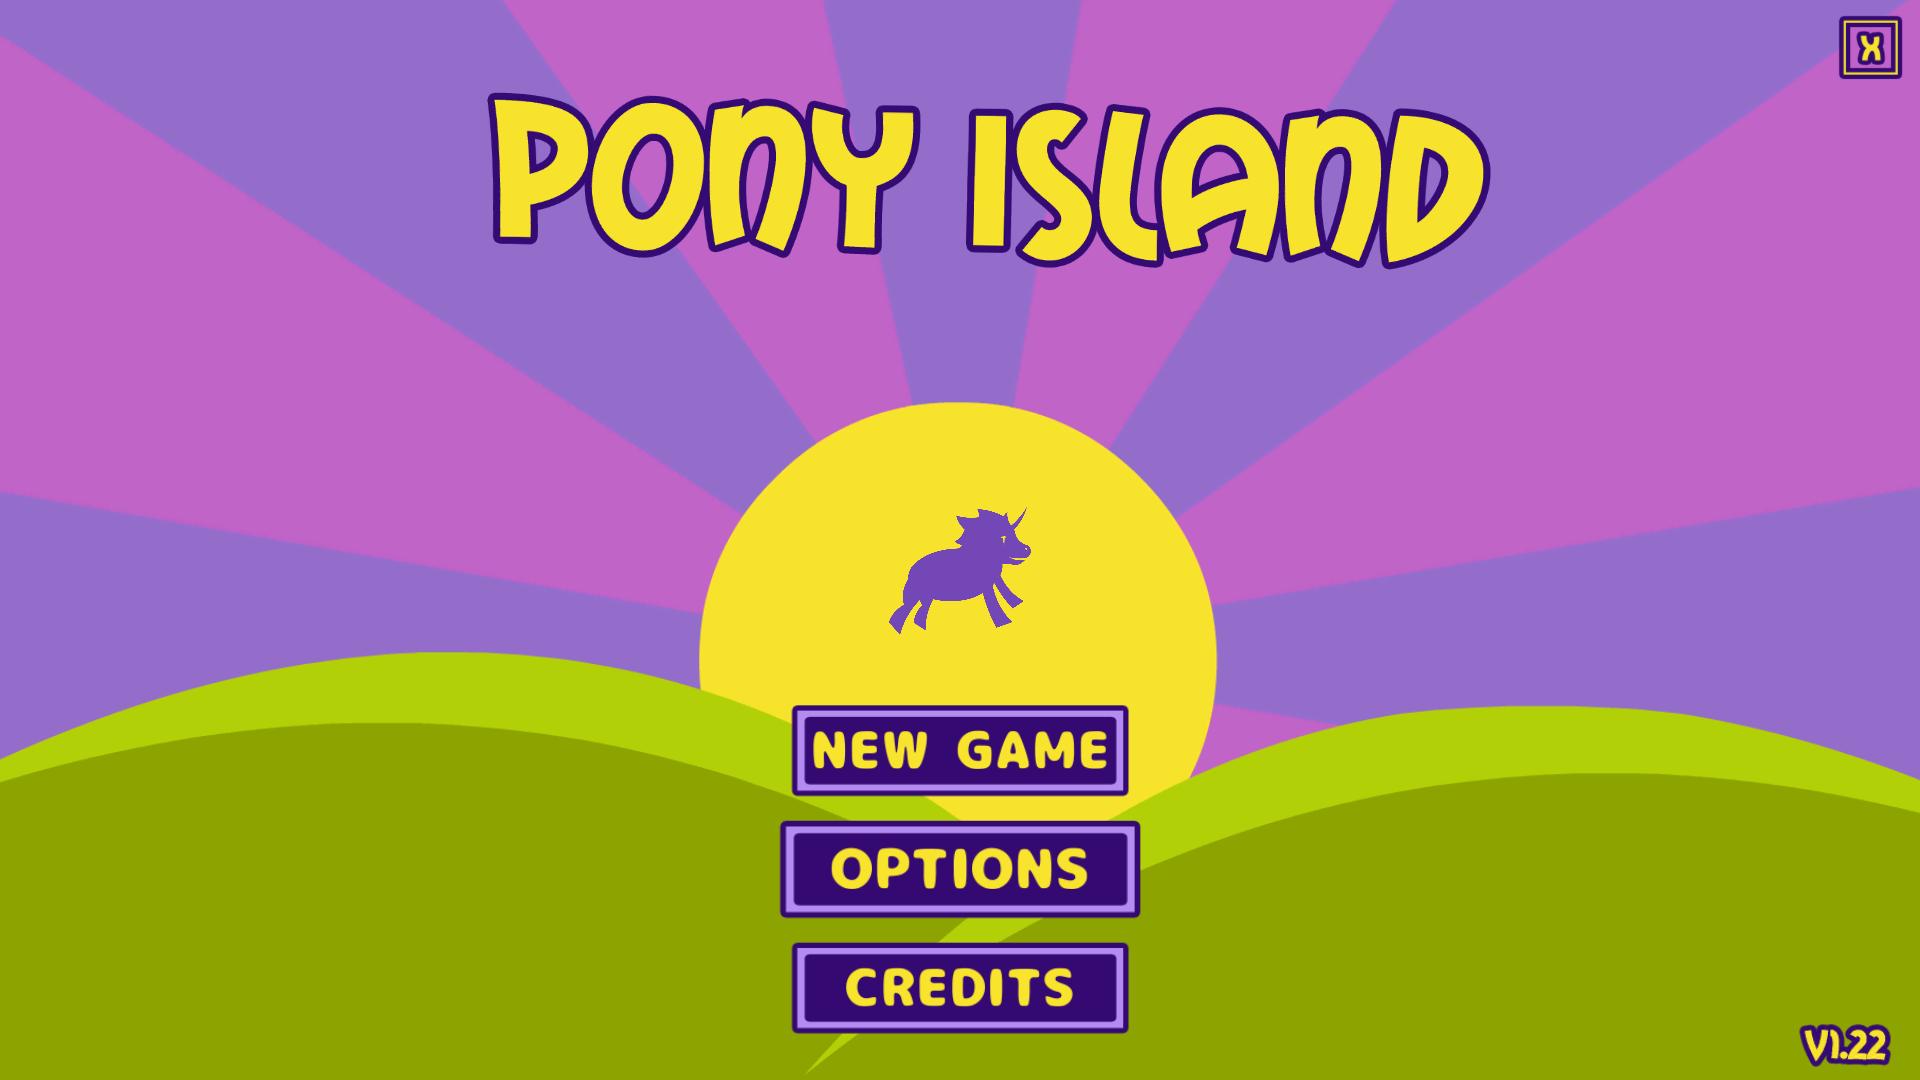 過去に公開された PC ゲーム Pony Island の日本語化ファイルを何とかして再現する方法、PC ゲーム Pony Island 日本語化方法、手順 5 : ゲーム内言語切り替え、ゲームを起動して OPTIONS を選択